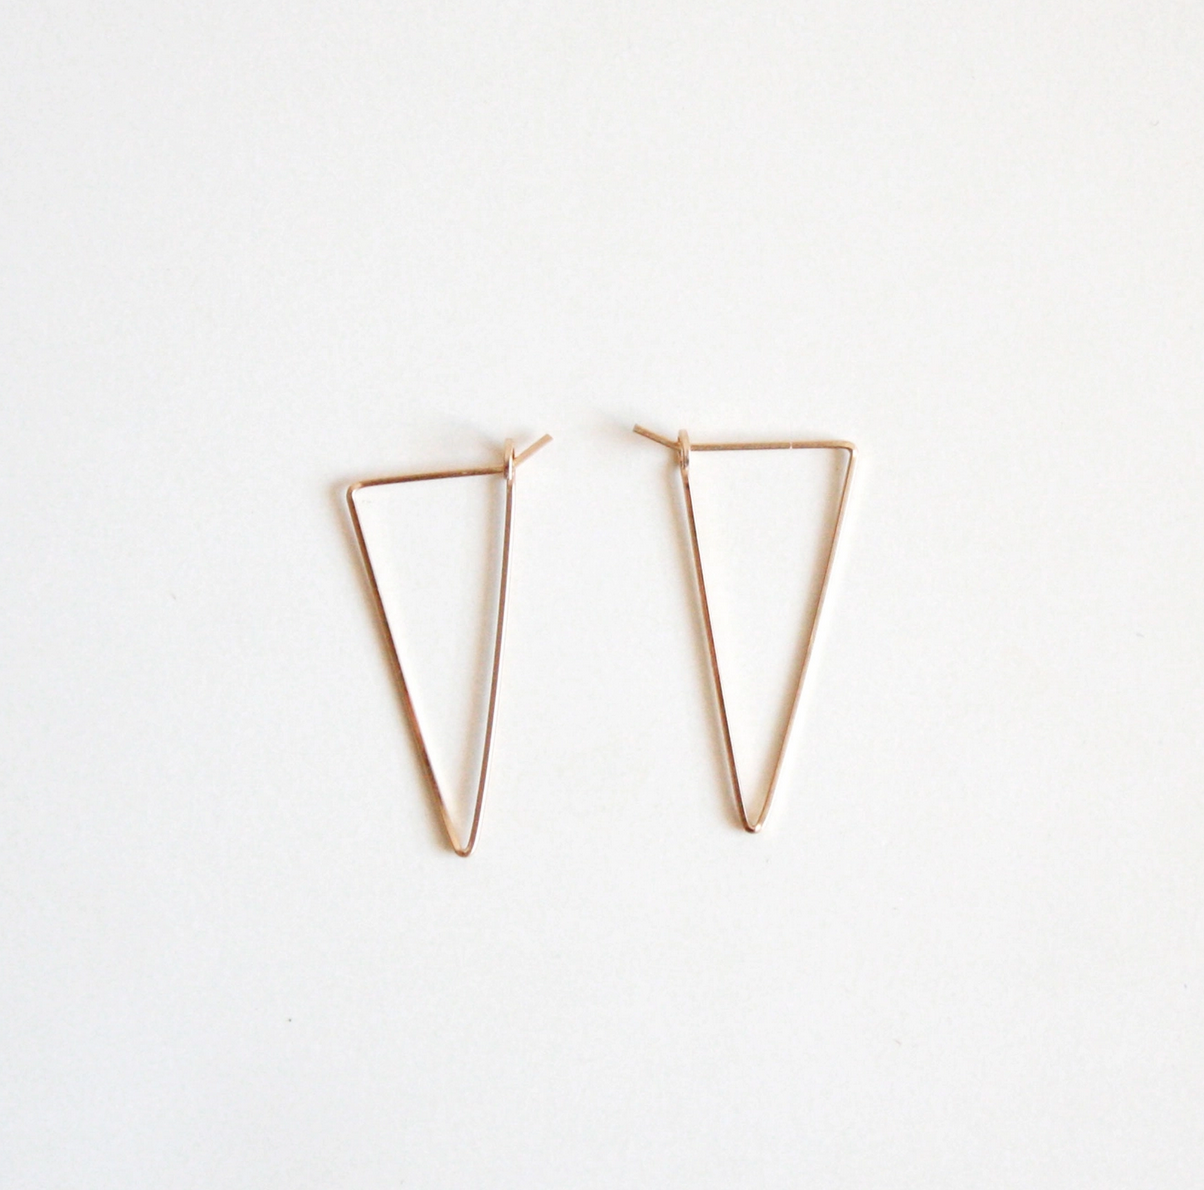 Hooks & Luxe Triangle Hoop Earrings Small-14k Gold